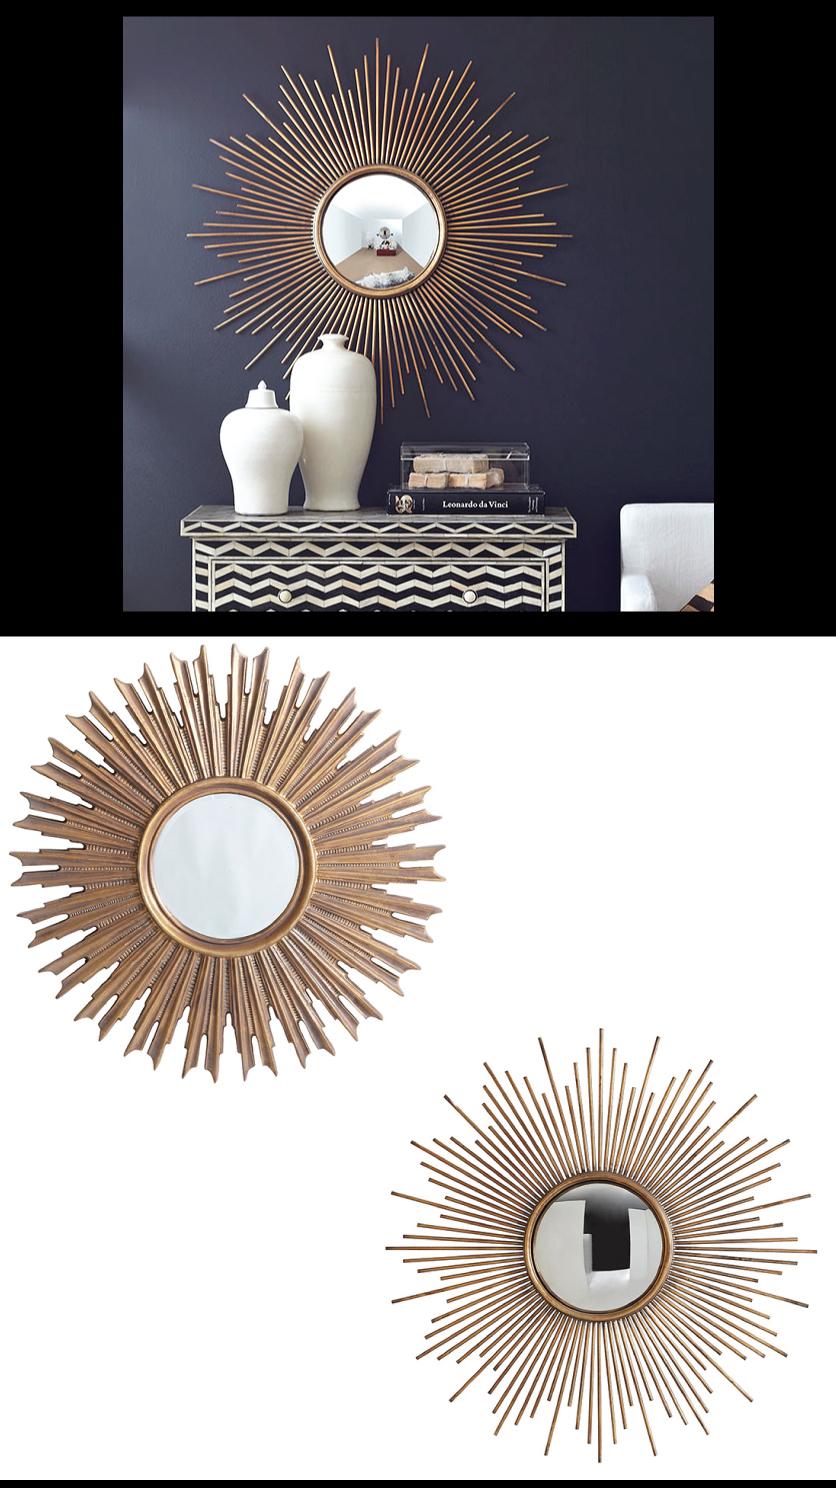 sunburst-mirror-wisteria-online